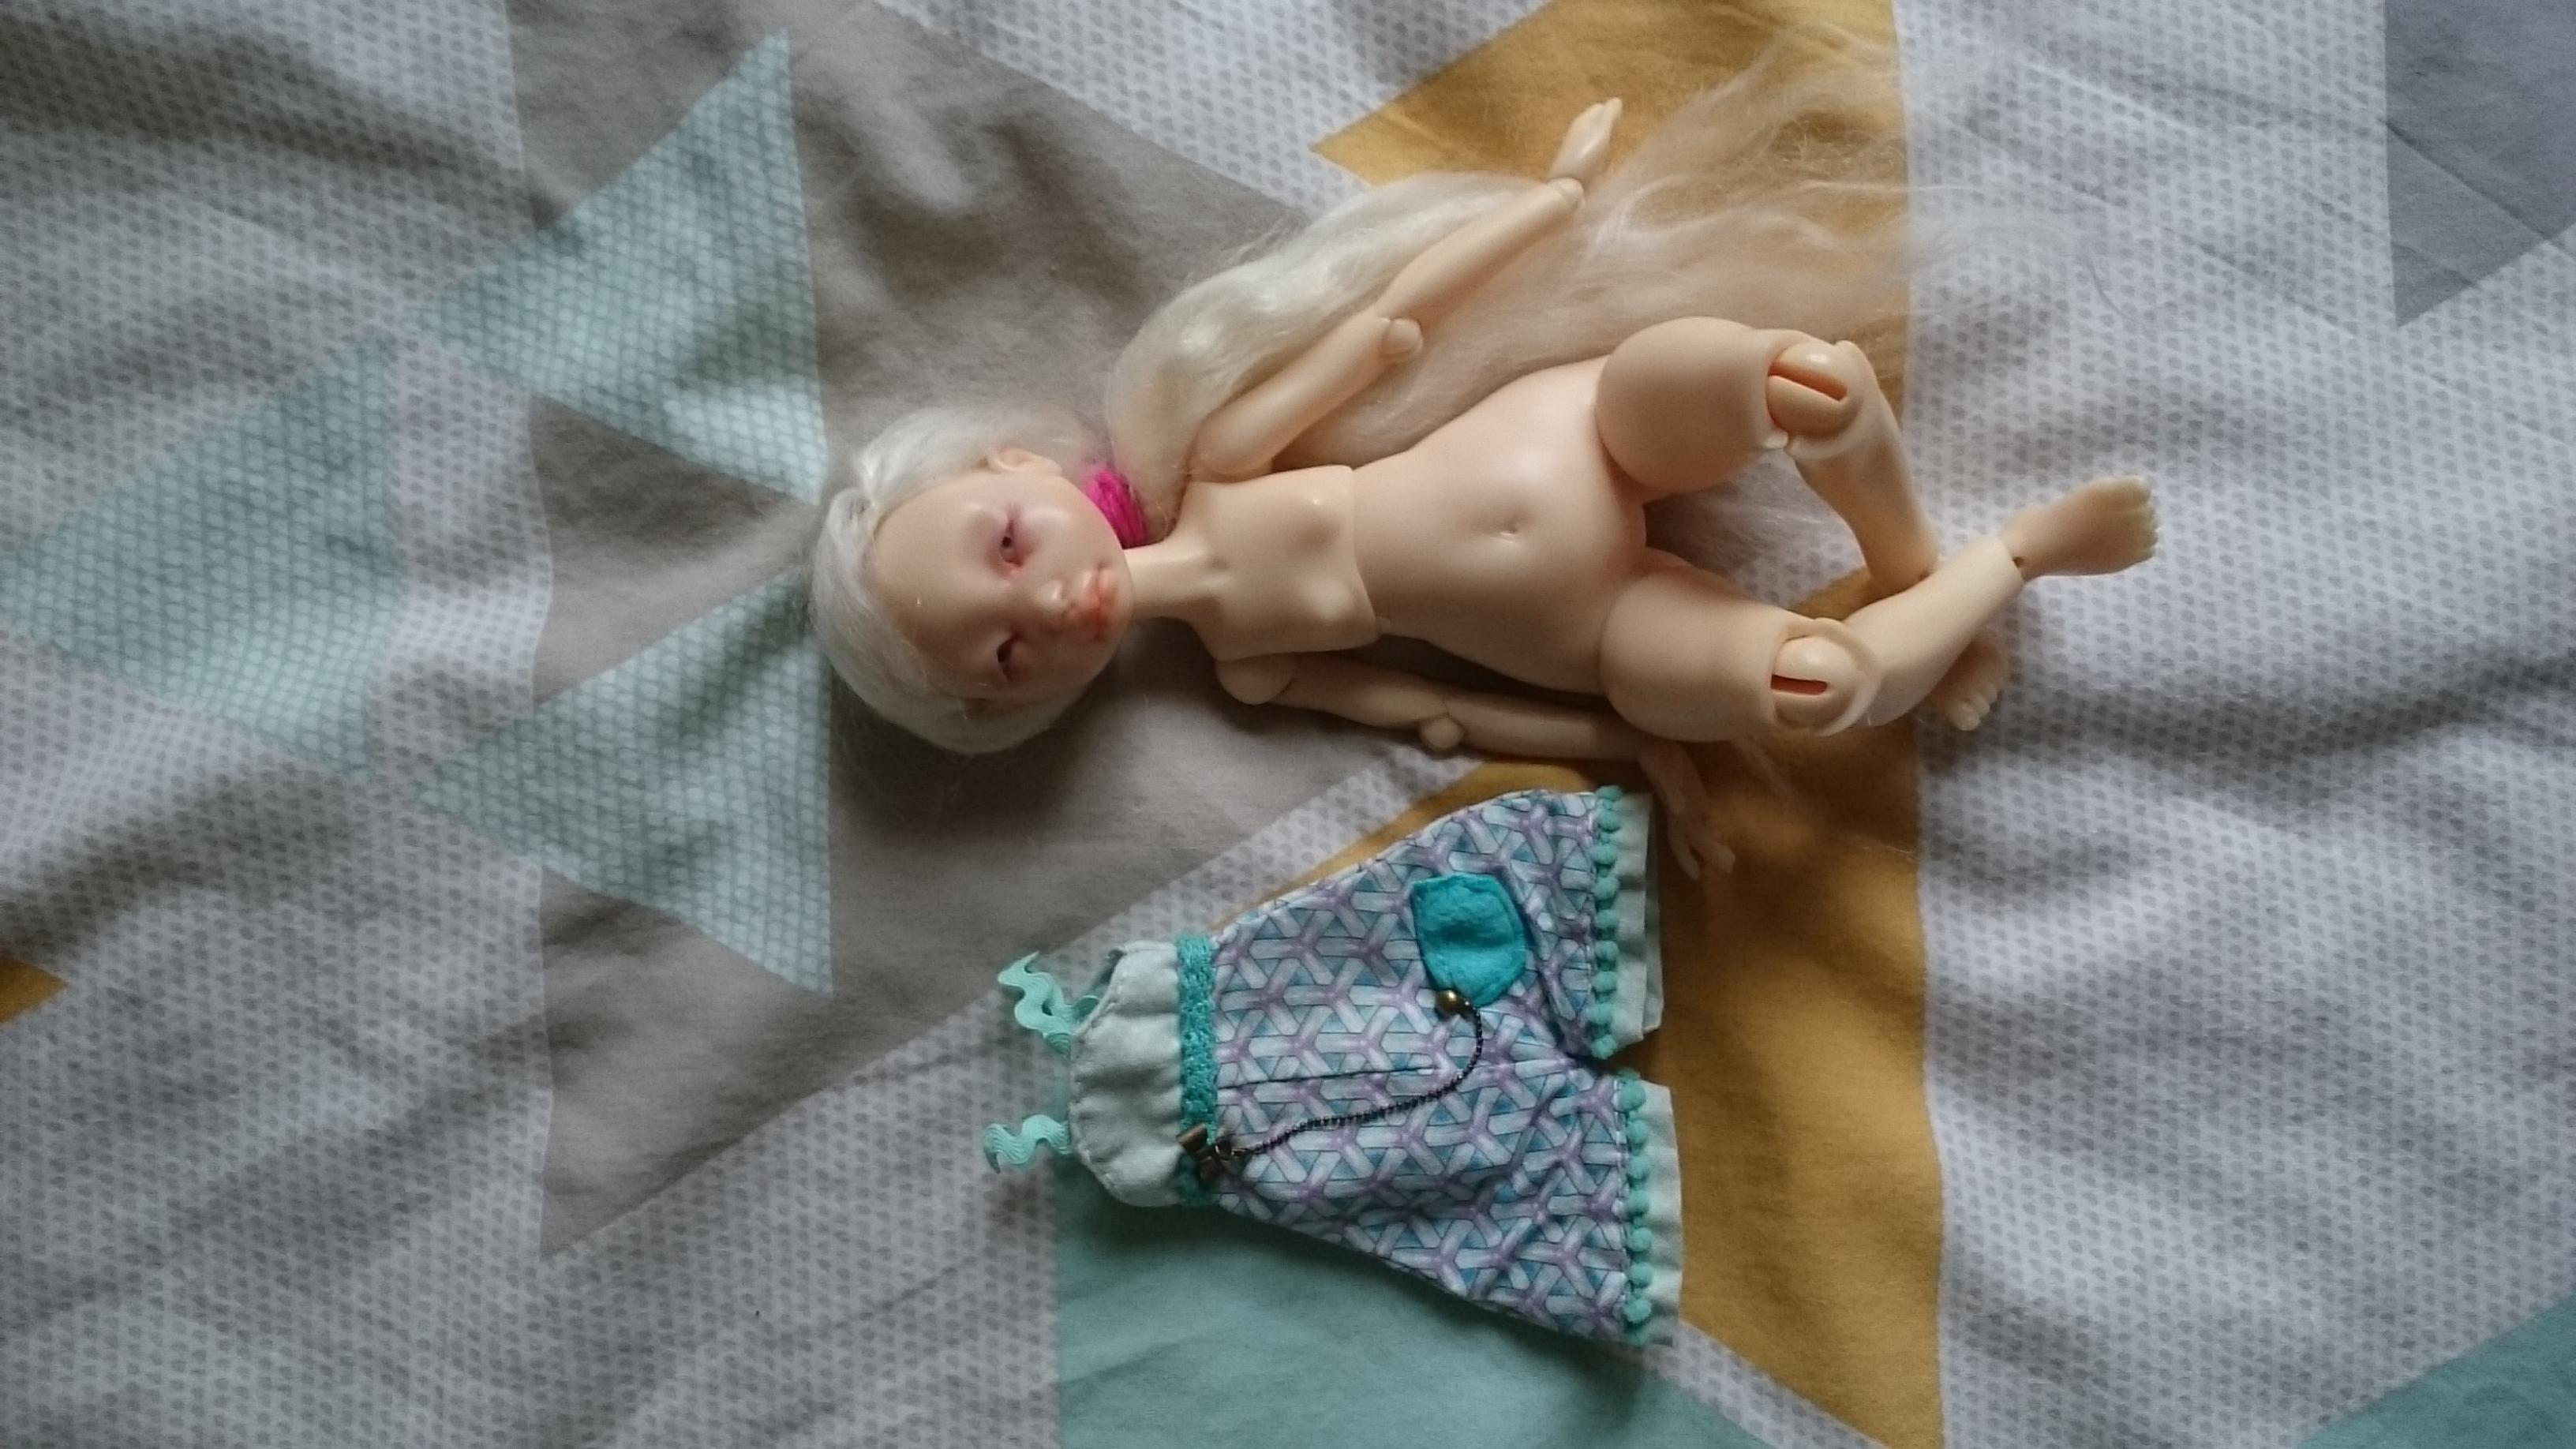 [VENDS] Lillycat, Dust of Dolls - urgent - Baisse de prix! DSC_1017